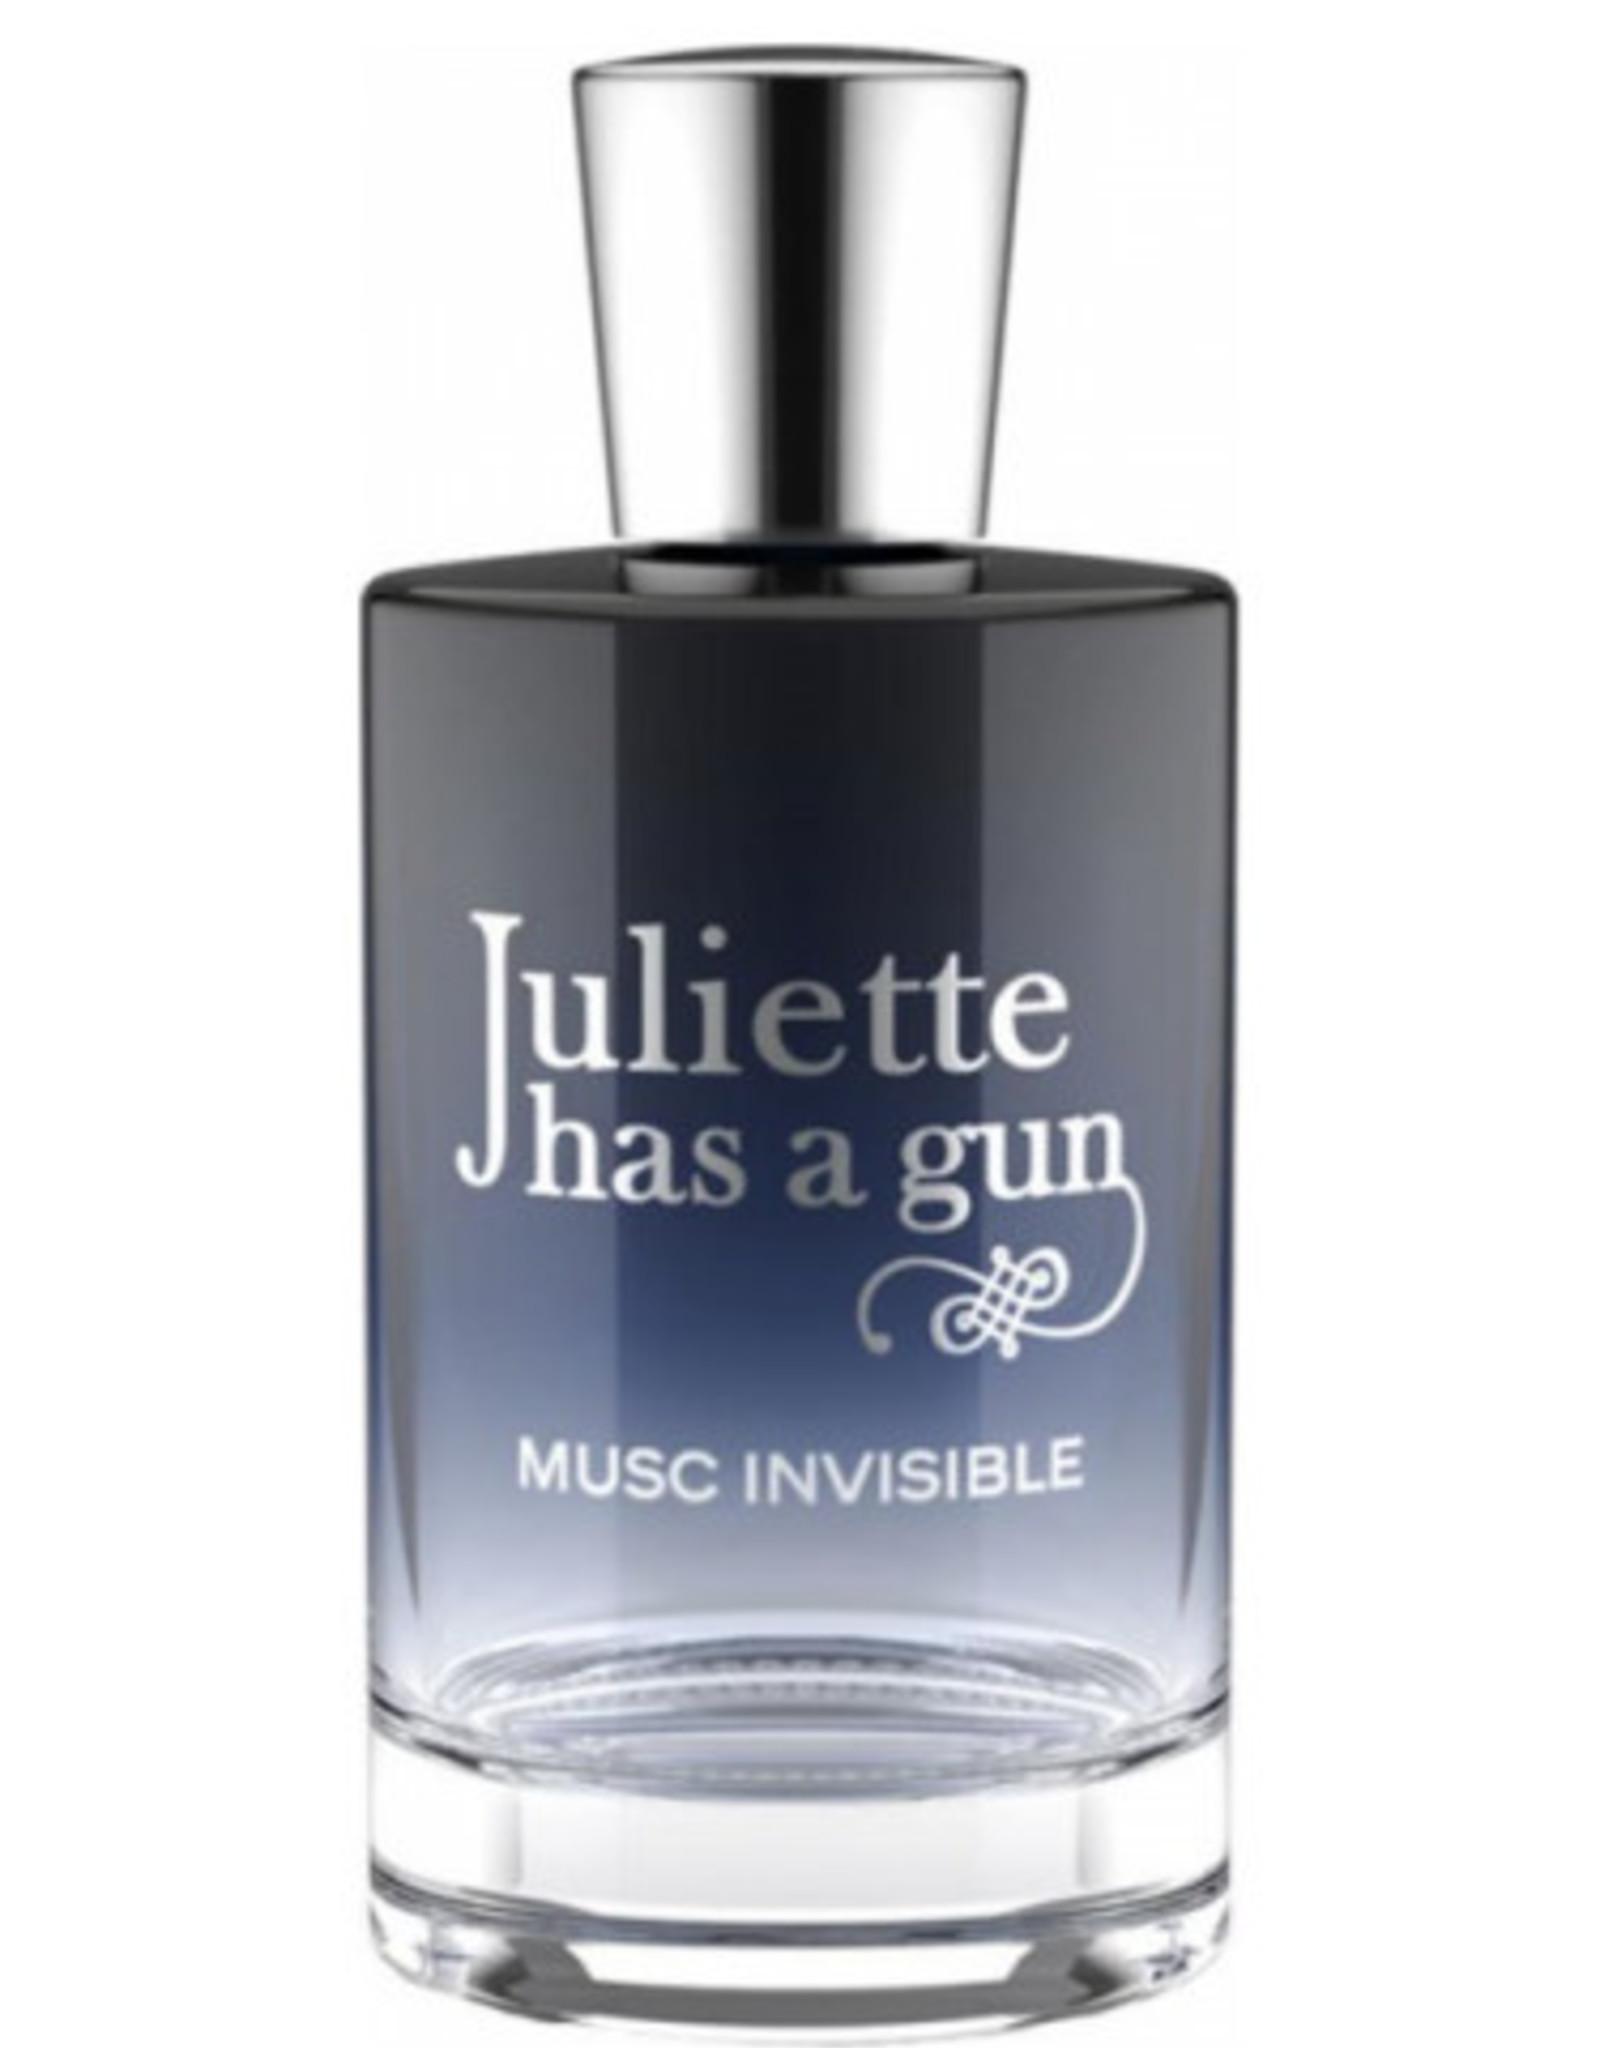 Juliette has a gun Juliette has a gun - Musc Invisible 50ml